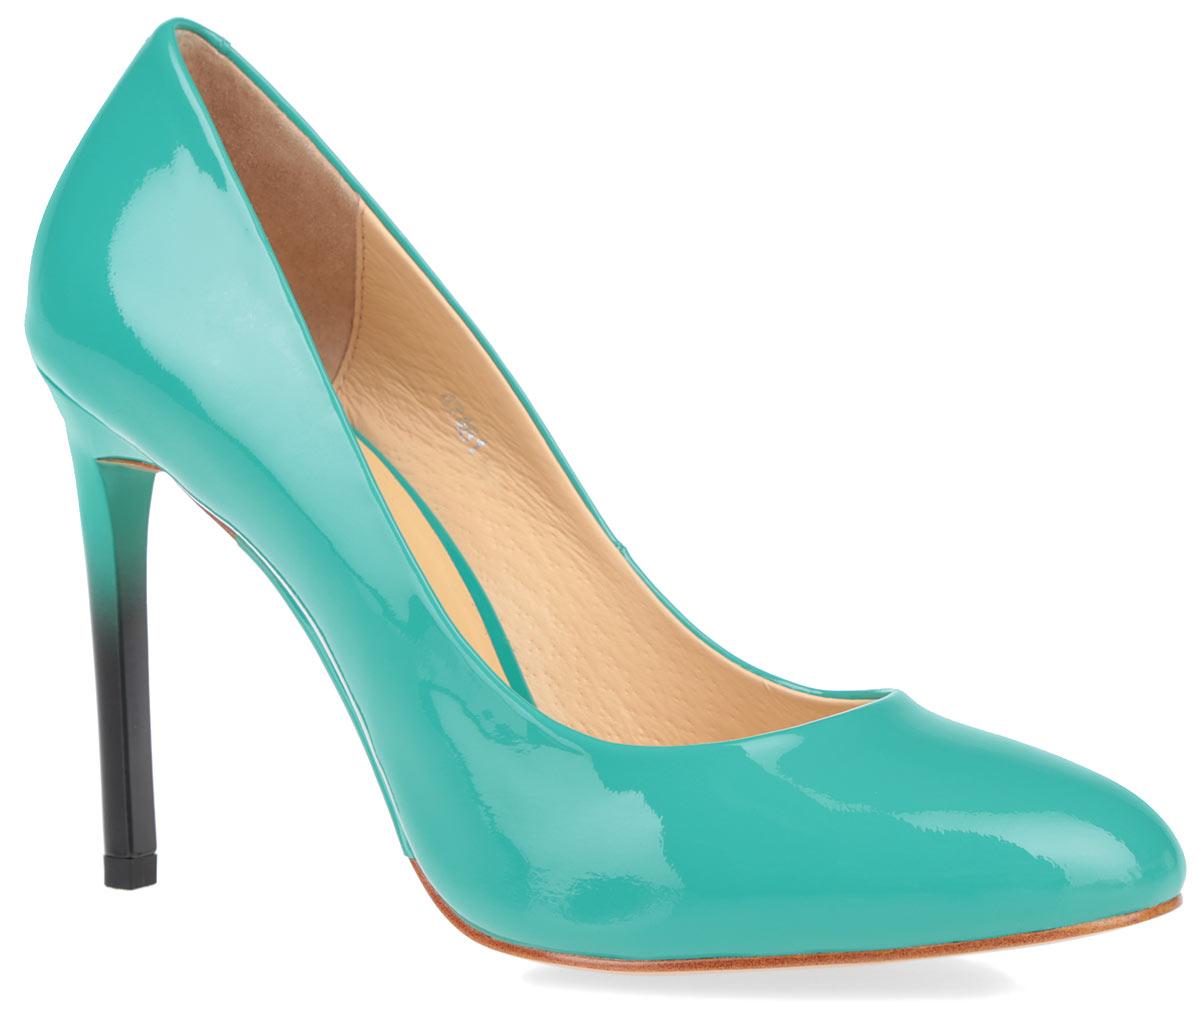 Туфли женские. 4748147481Элегантные женские туфли от Vitacci займут достойное место в вашем гардеробе. Модель выполнена из натуральной лакированной кожи и исполнена в лаконичном стиле. Закругленный носок и ультравысокий каблук-шпилька добавят женственности в ваш образ. Подкладка и стелька из натуральной кожи позволит ногам дышать. Подошва оснащена рифлением для лучшей сцепки с поверхностью. Прелестные туфли покорят вас с первого взгляда.